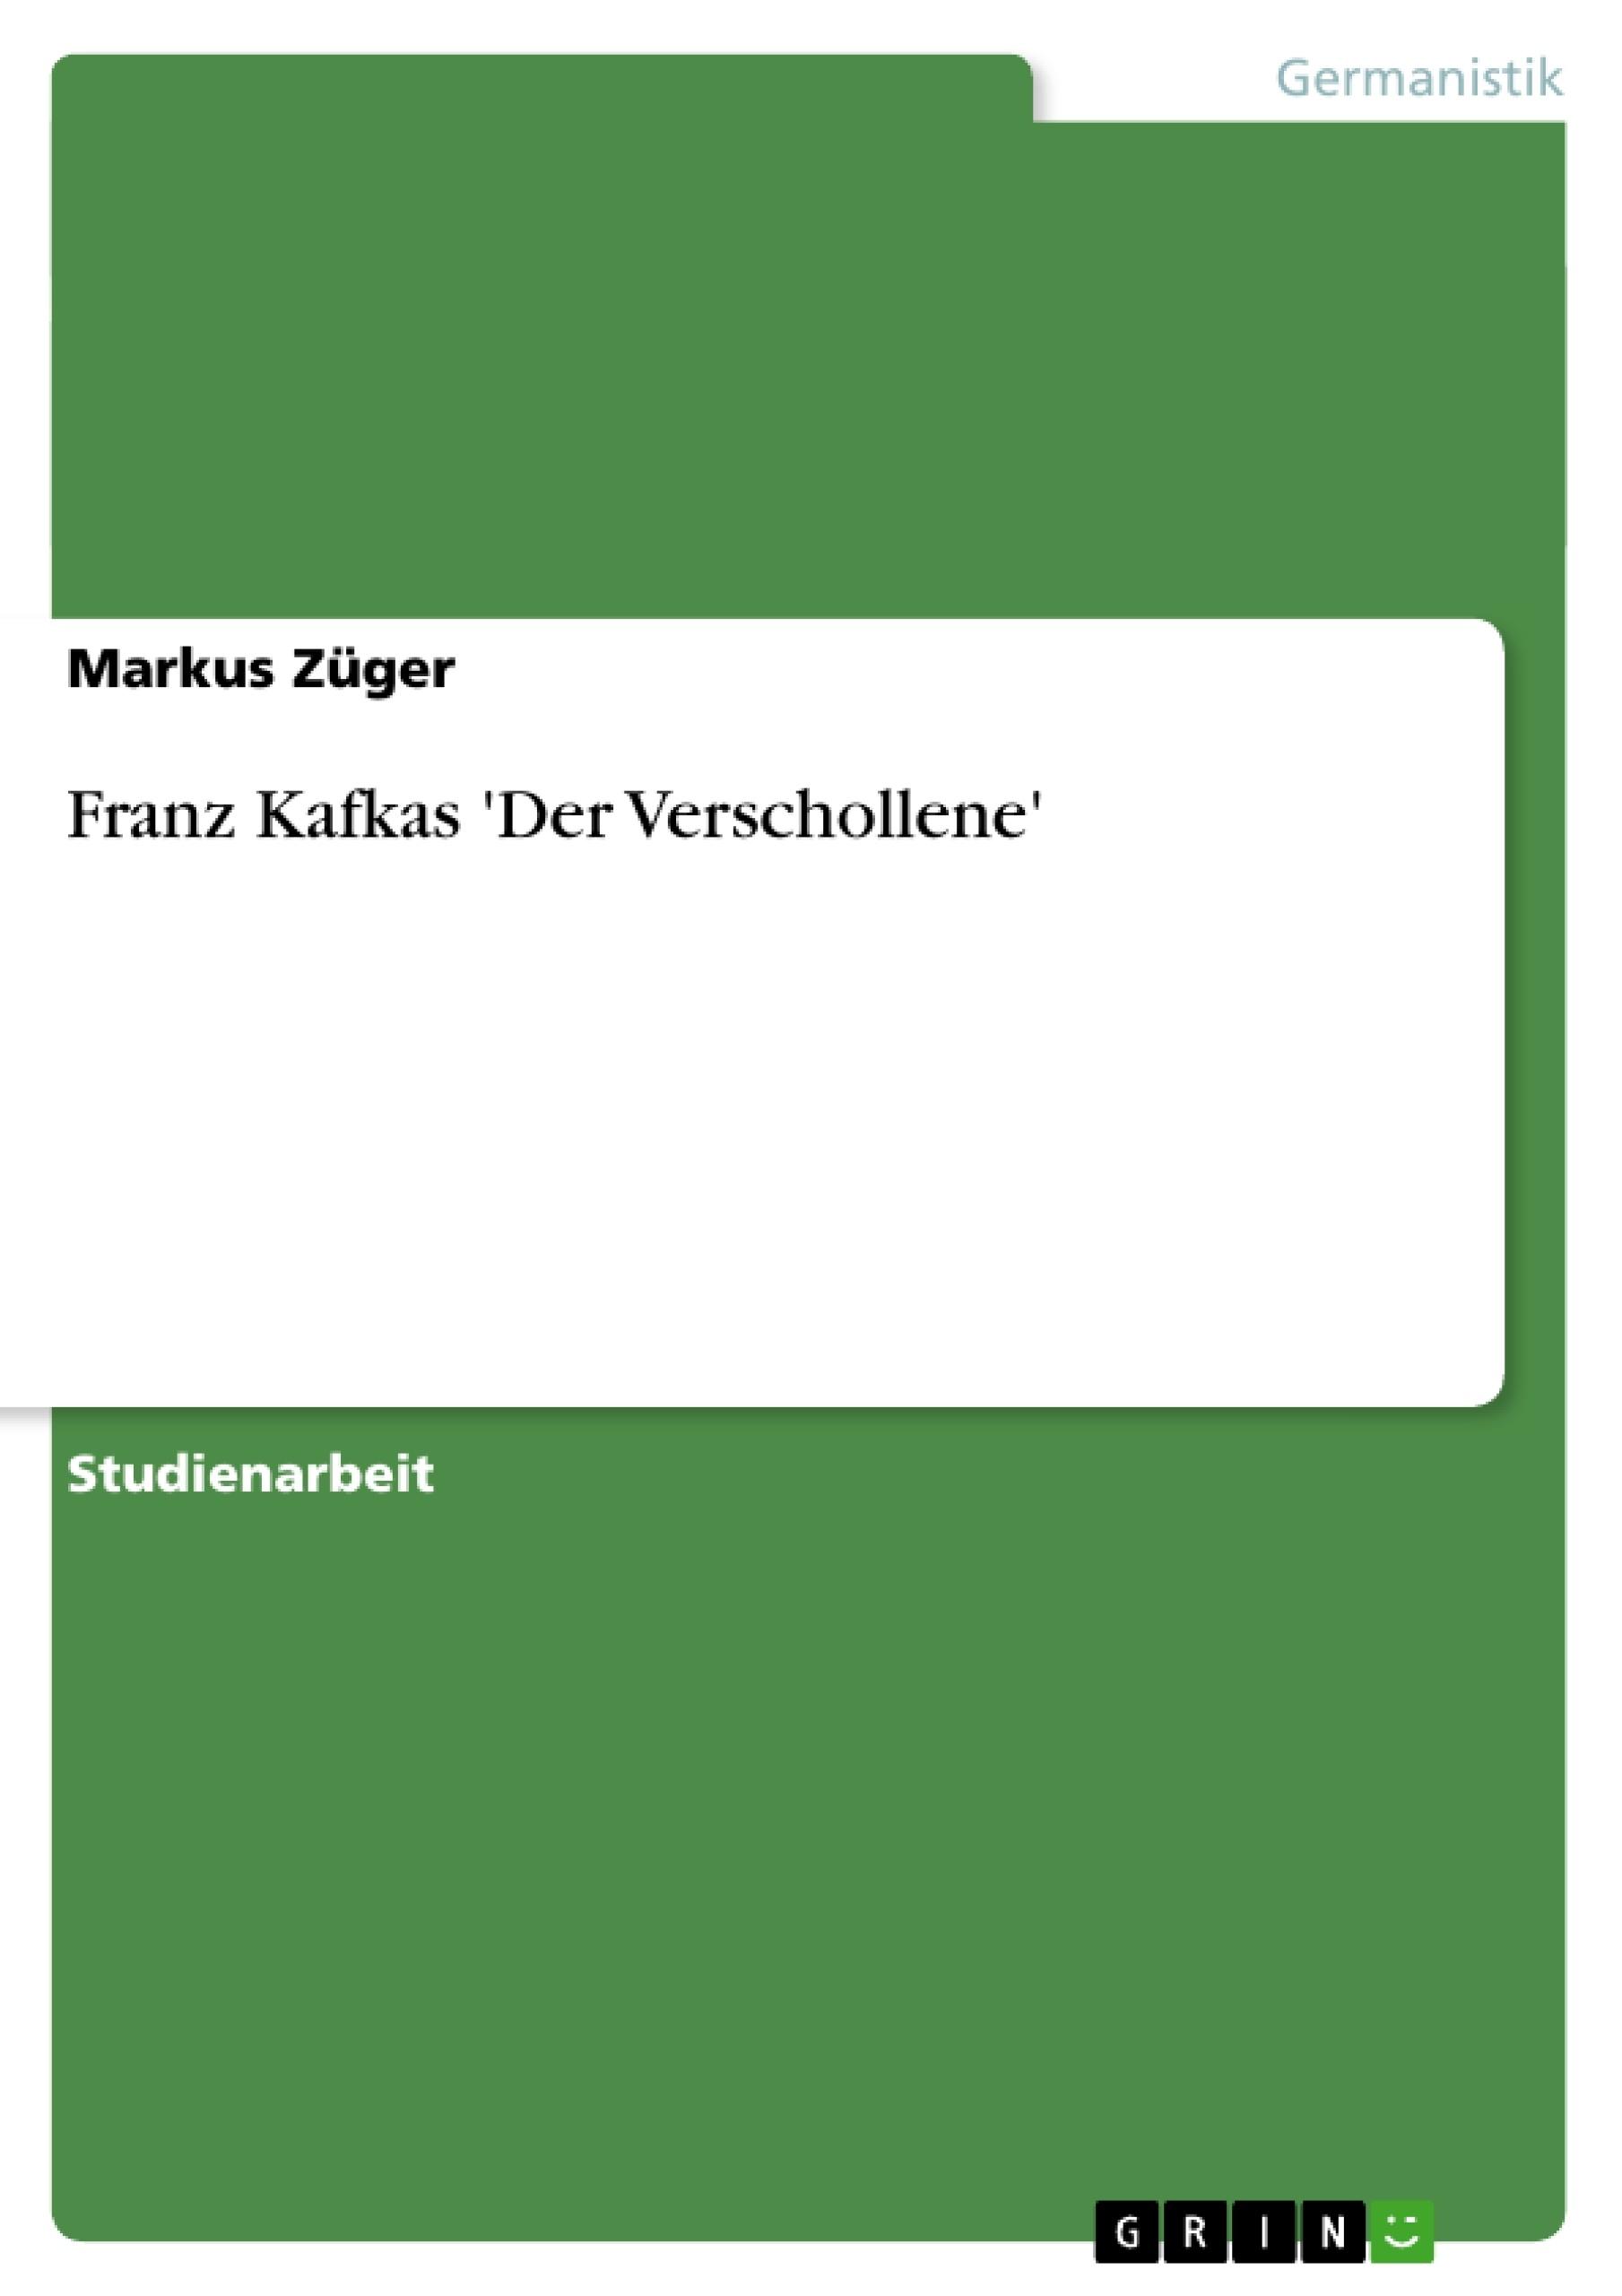 Titel: Franz Kafkas 'Der Verschollene'